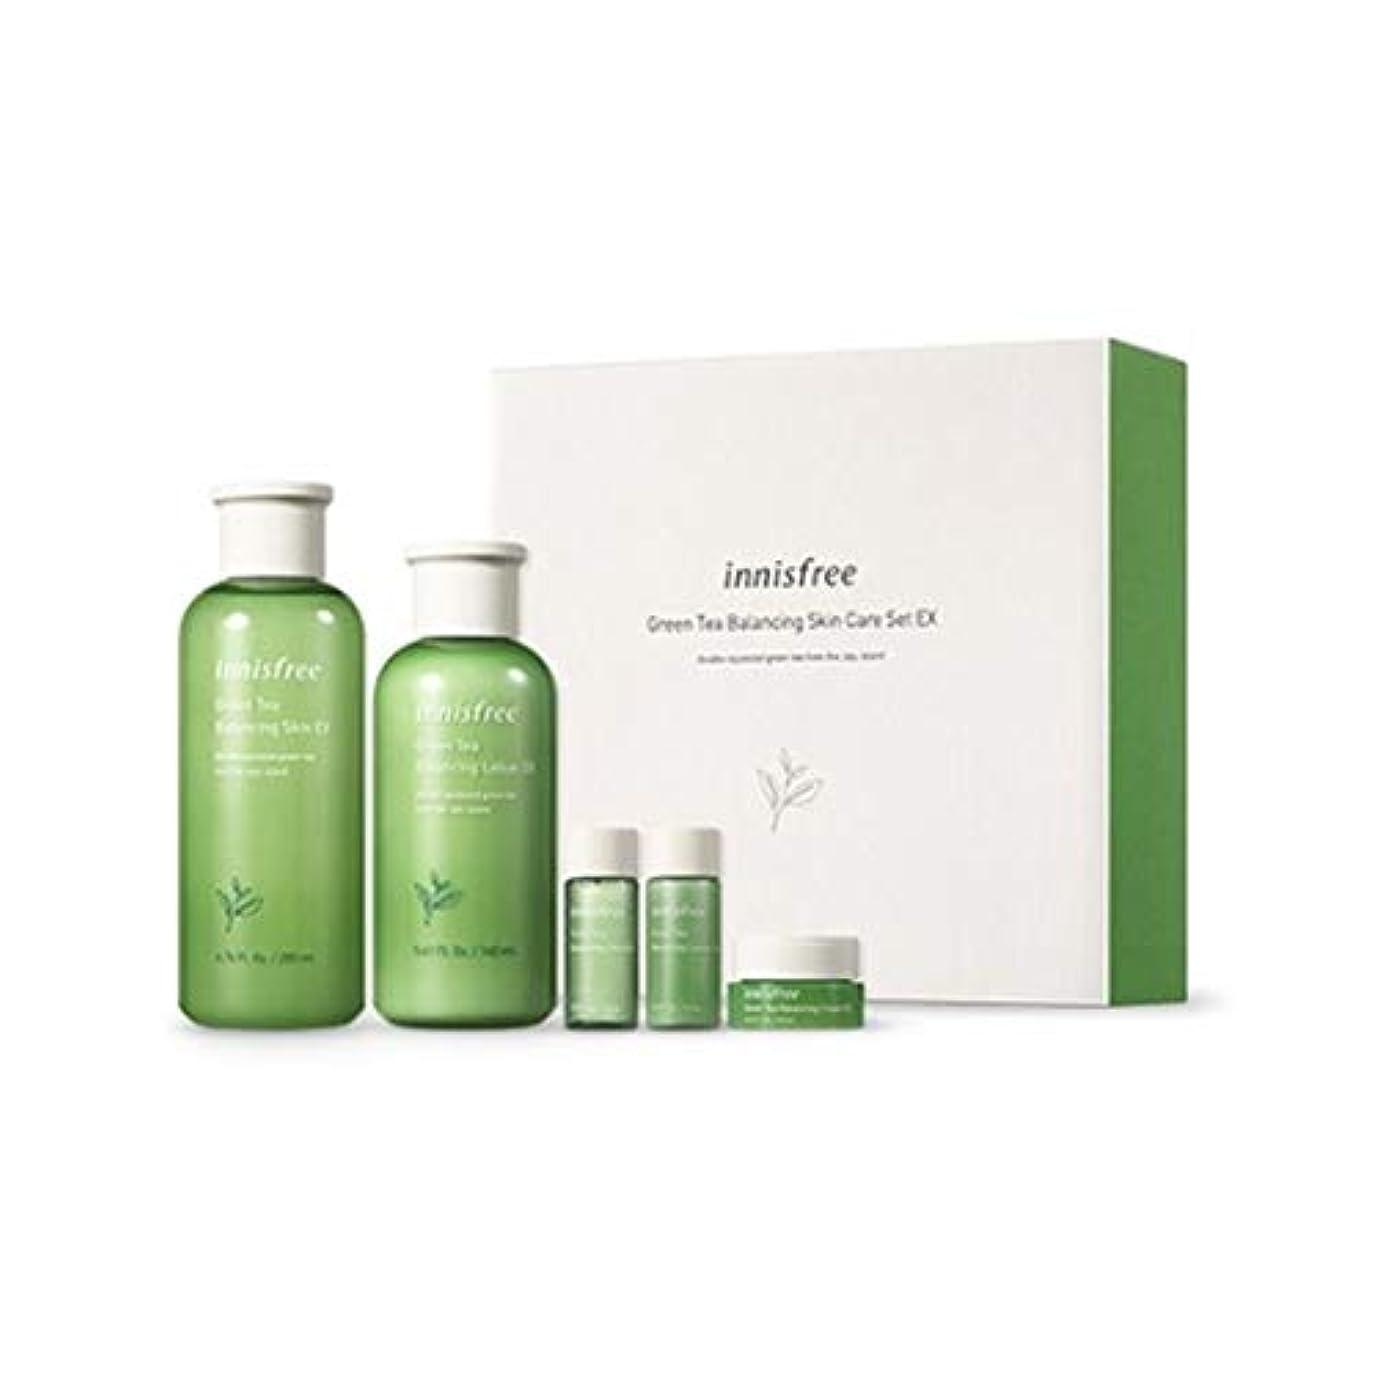 主張乱暴な継続中イニスフリーグリーンティーバランシングスキンケアセットの水分ケア韓国コスメ、innisfree Green Tea Balancing Skin Care Set Korean Cosmetics [並行輸入品]